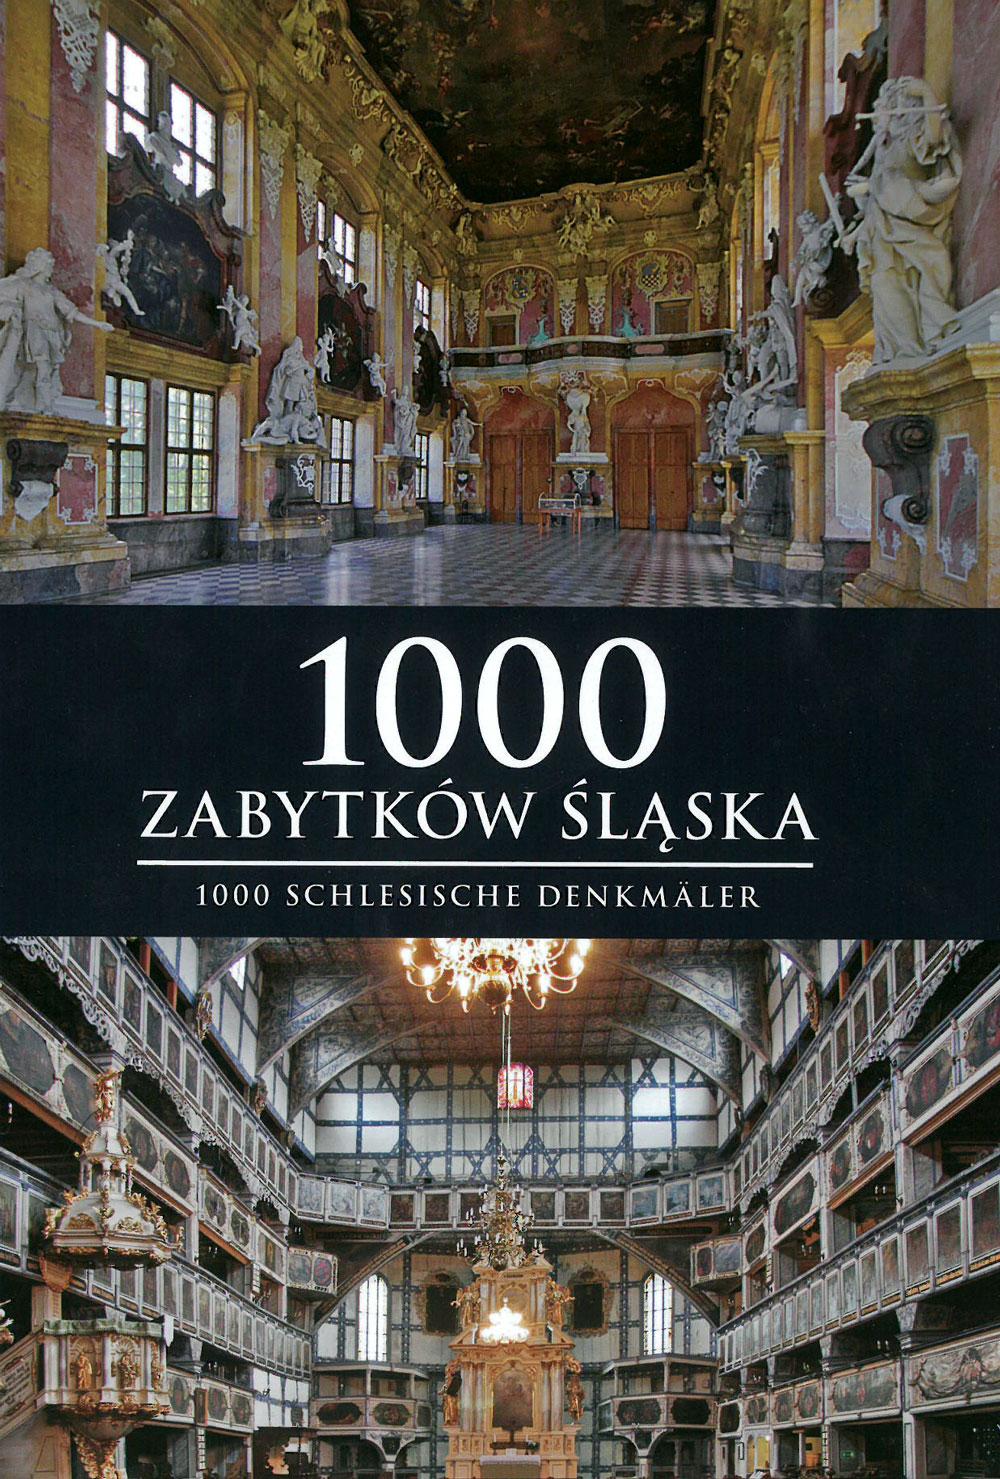 1000 Zabytków Śląska | 1000 Schlesische Denkmäler